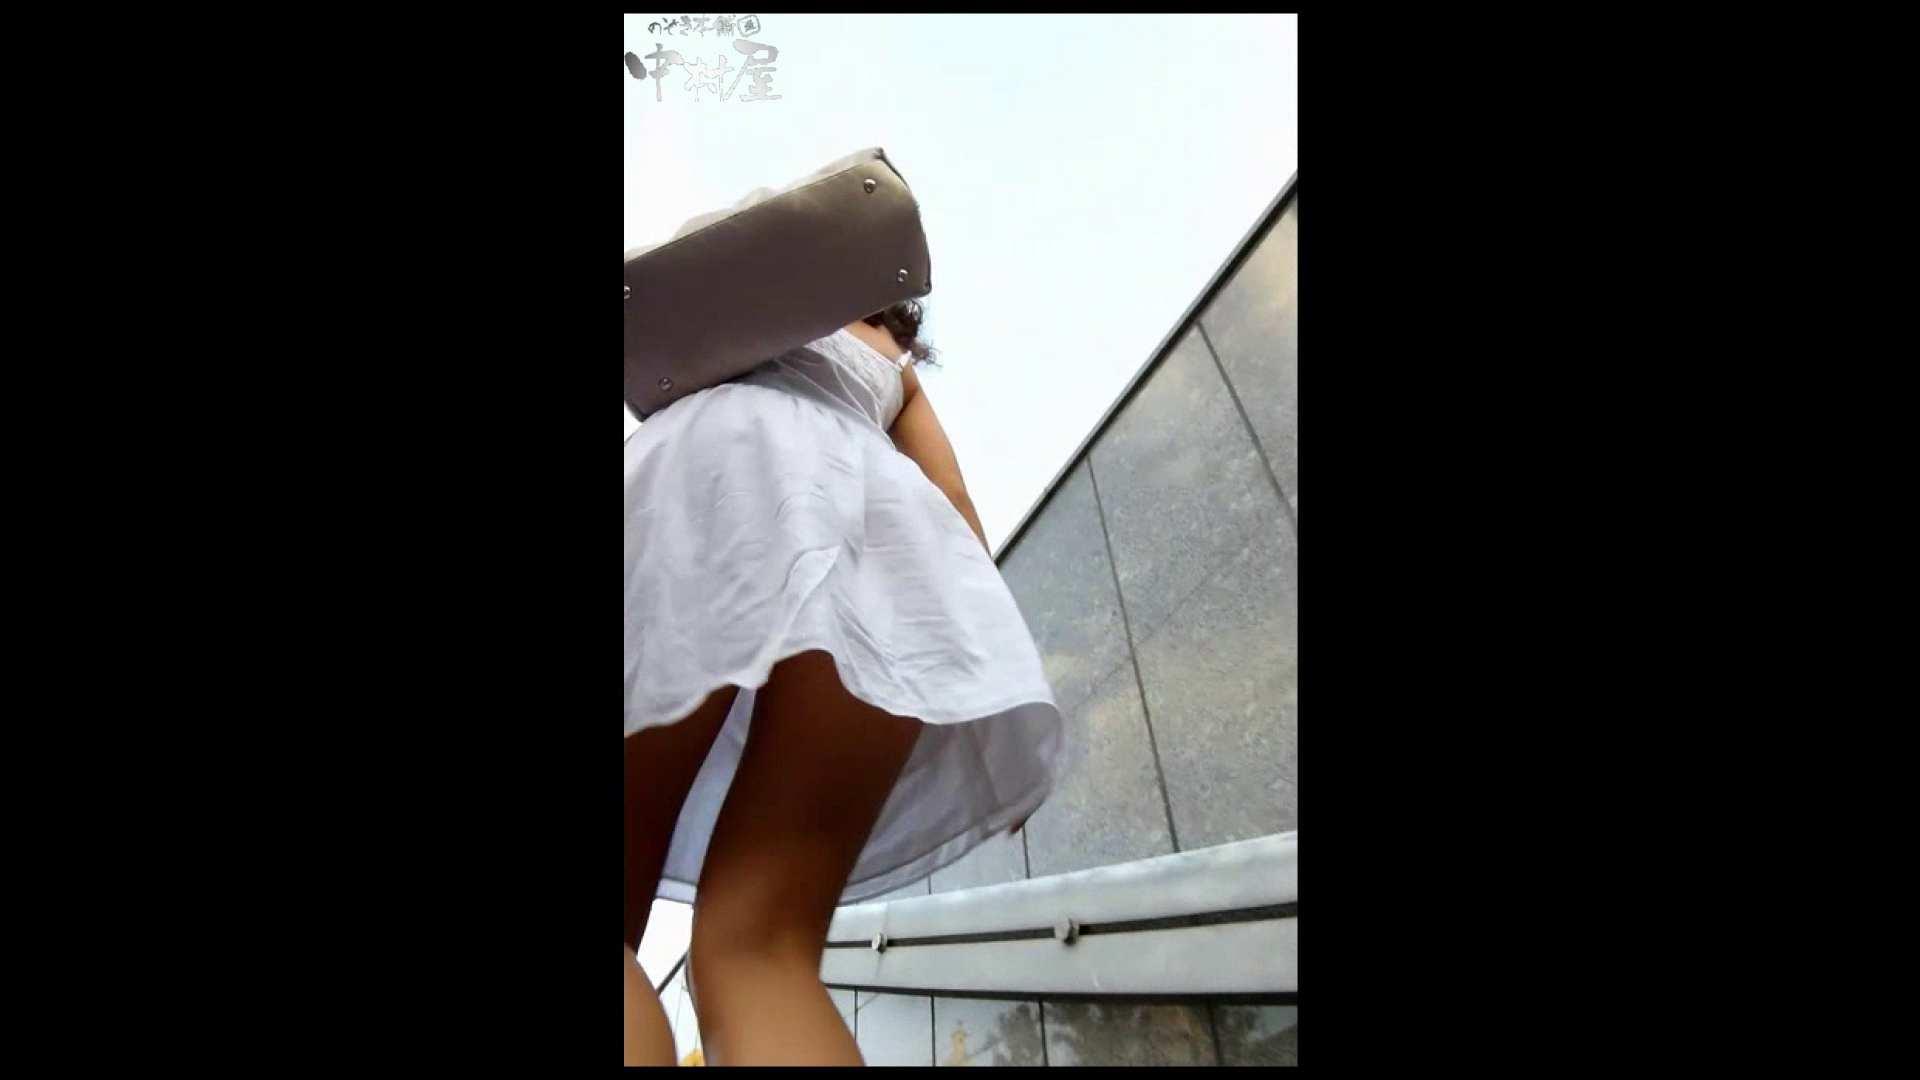 綺麗なモデルさんのスカート捲っちゃおう‼ vol29 お姉さん  10pic 3